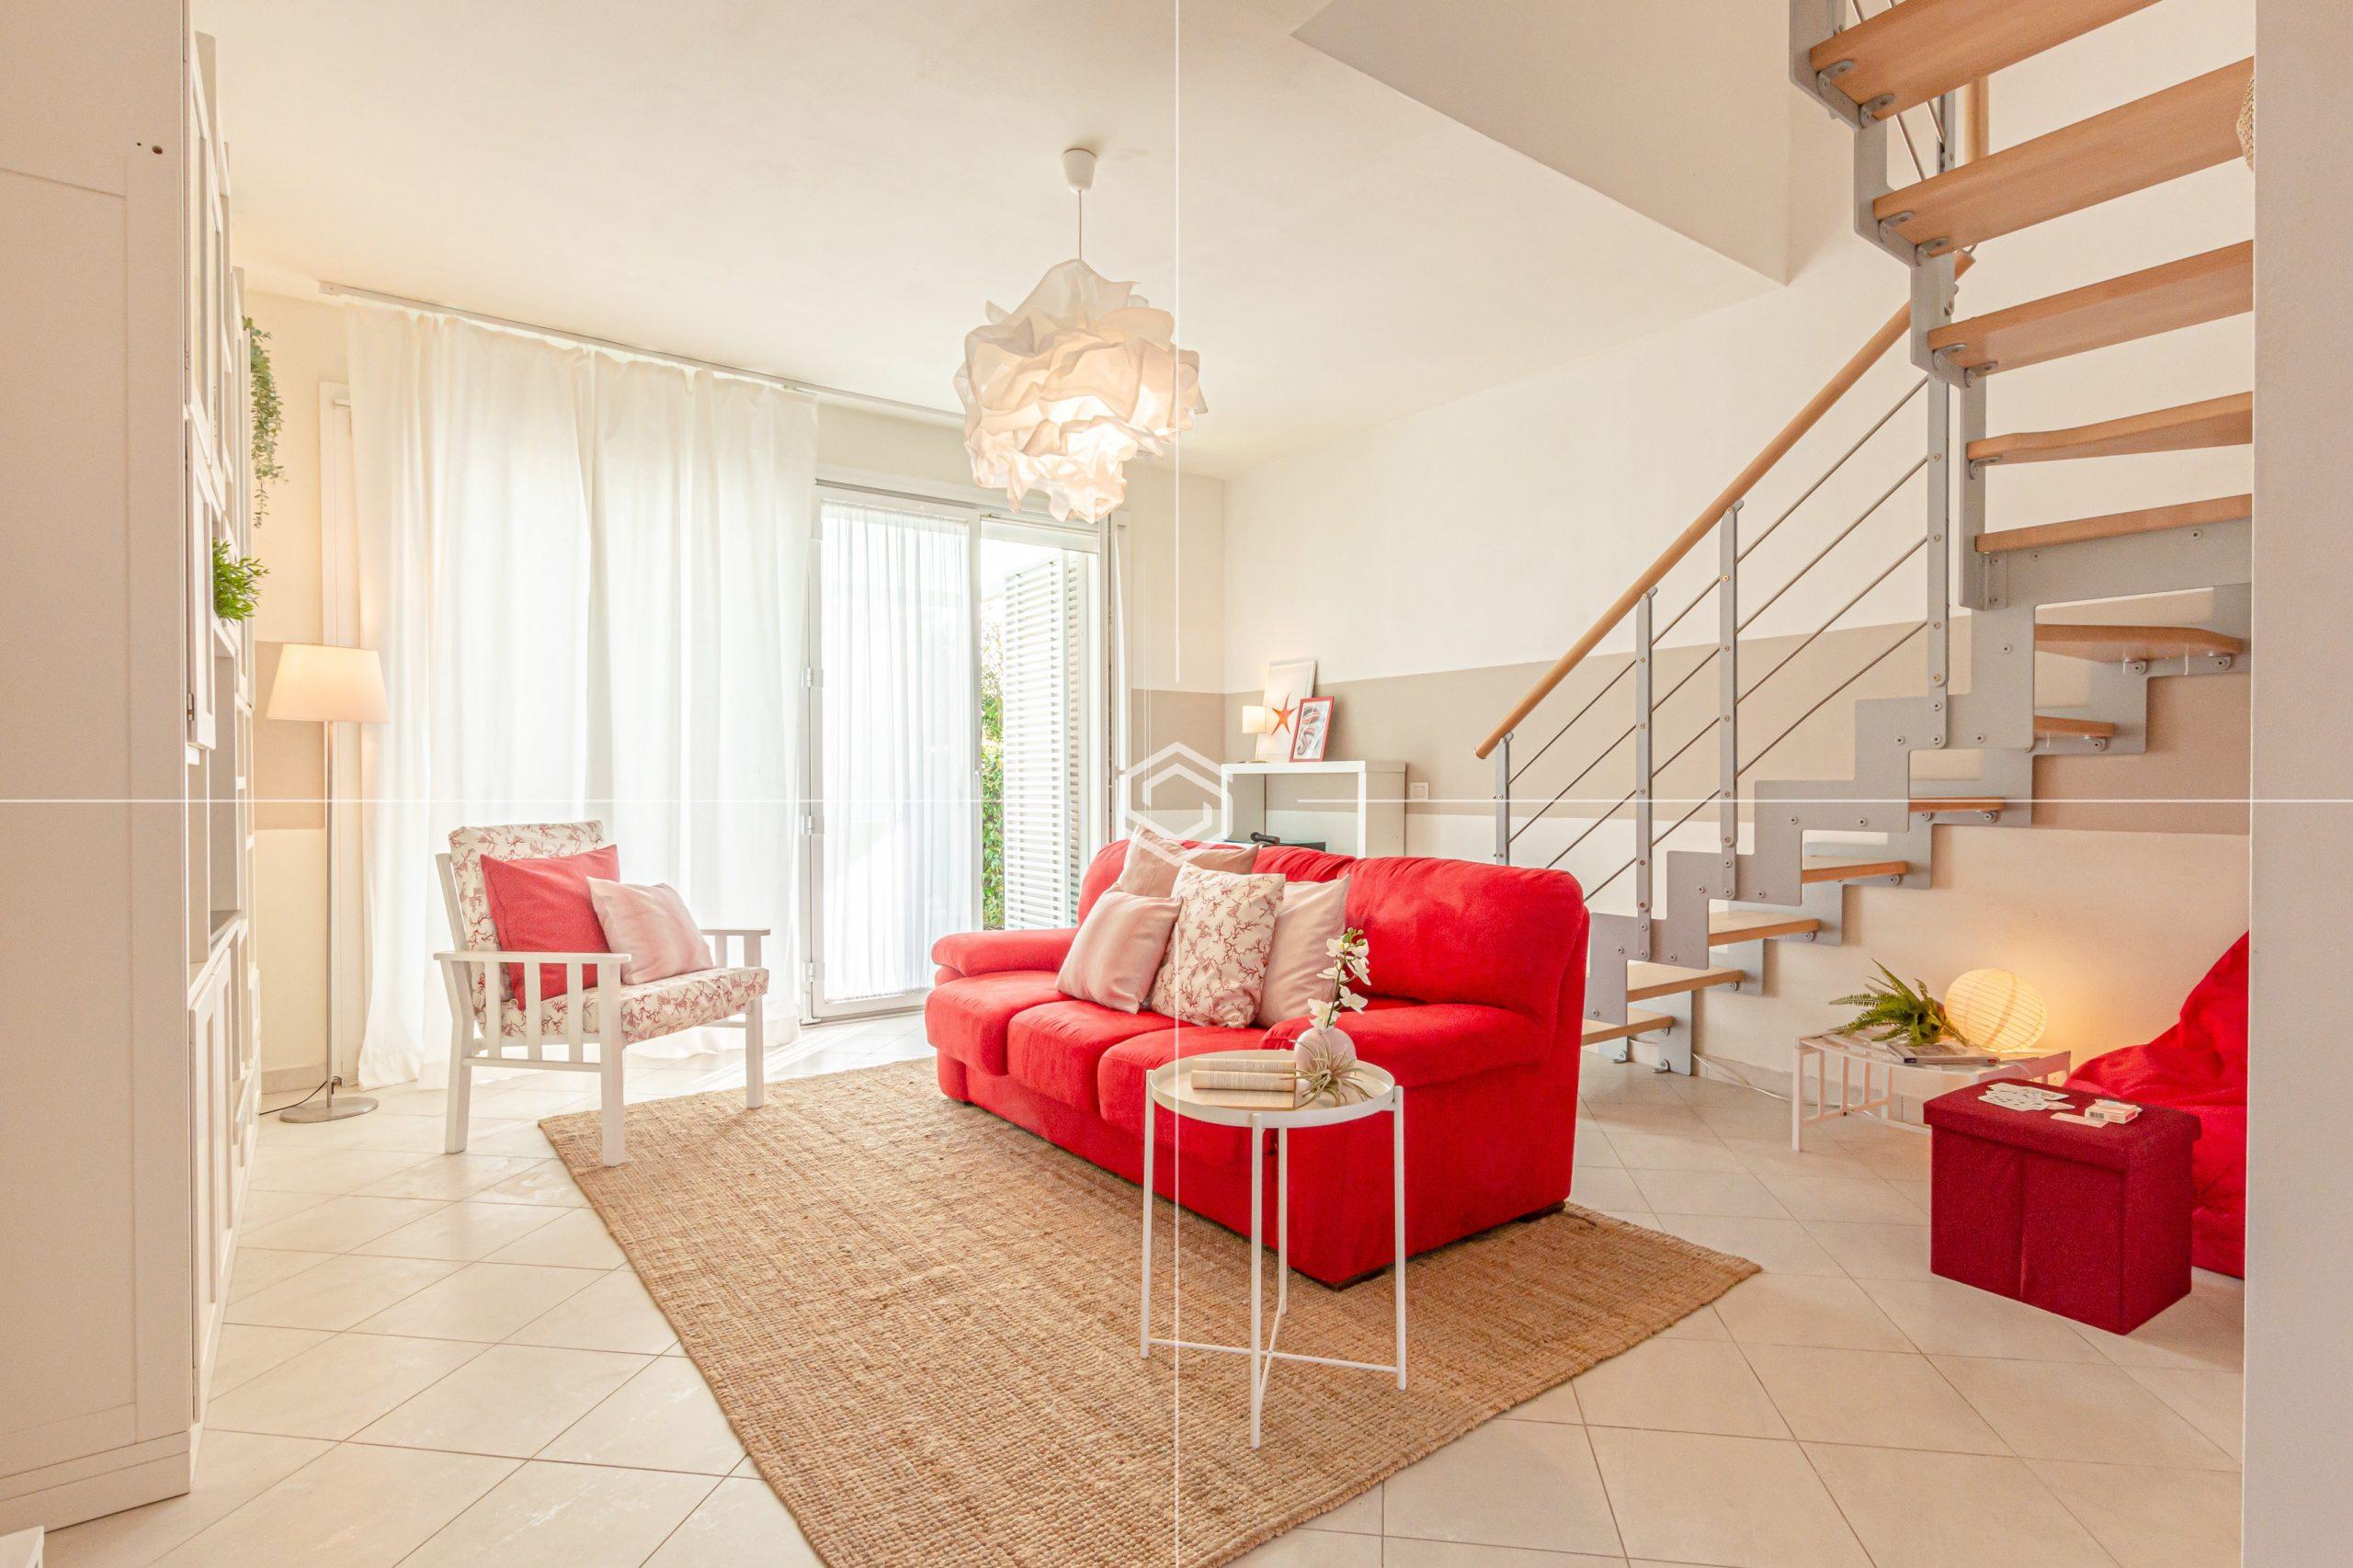 Villa Sunshine in vendita a Calambrone con giardino, posto auto e doppio garage